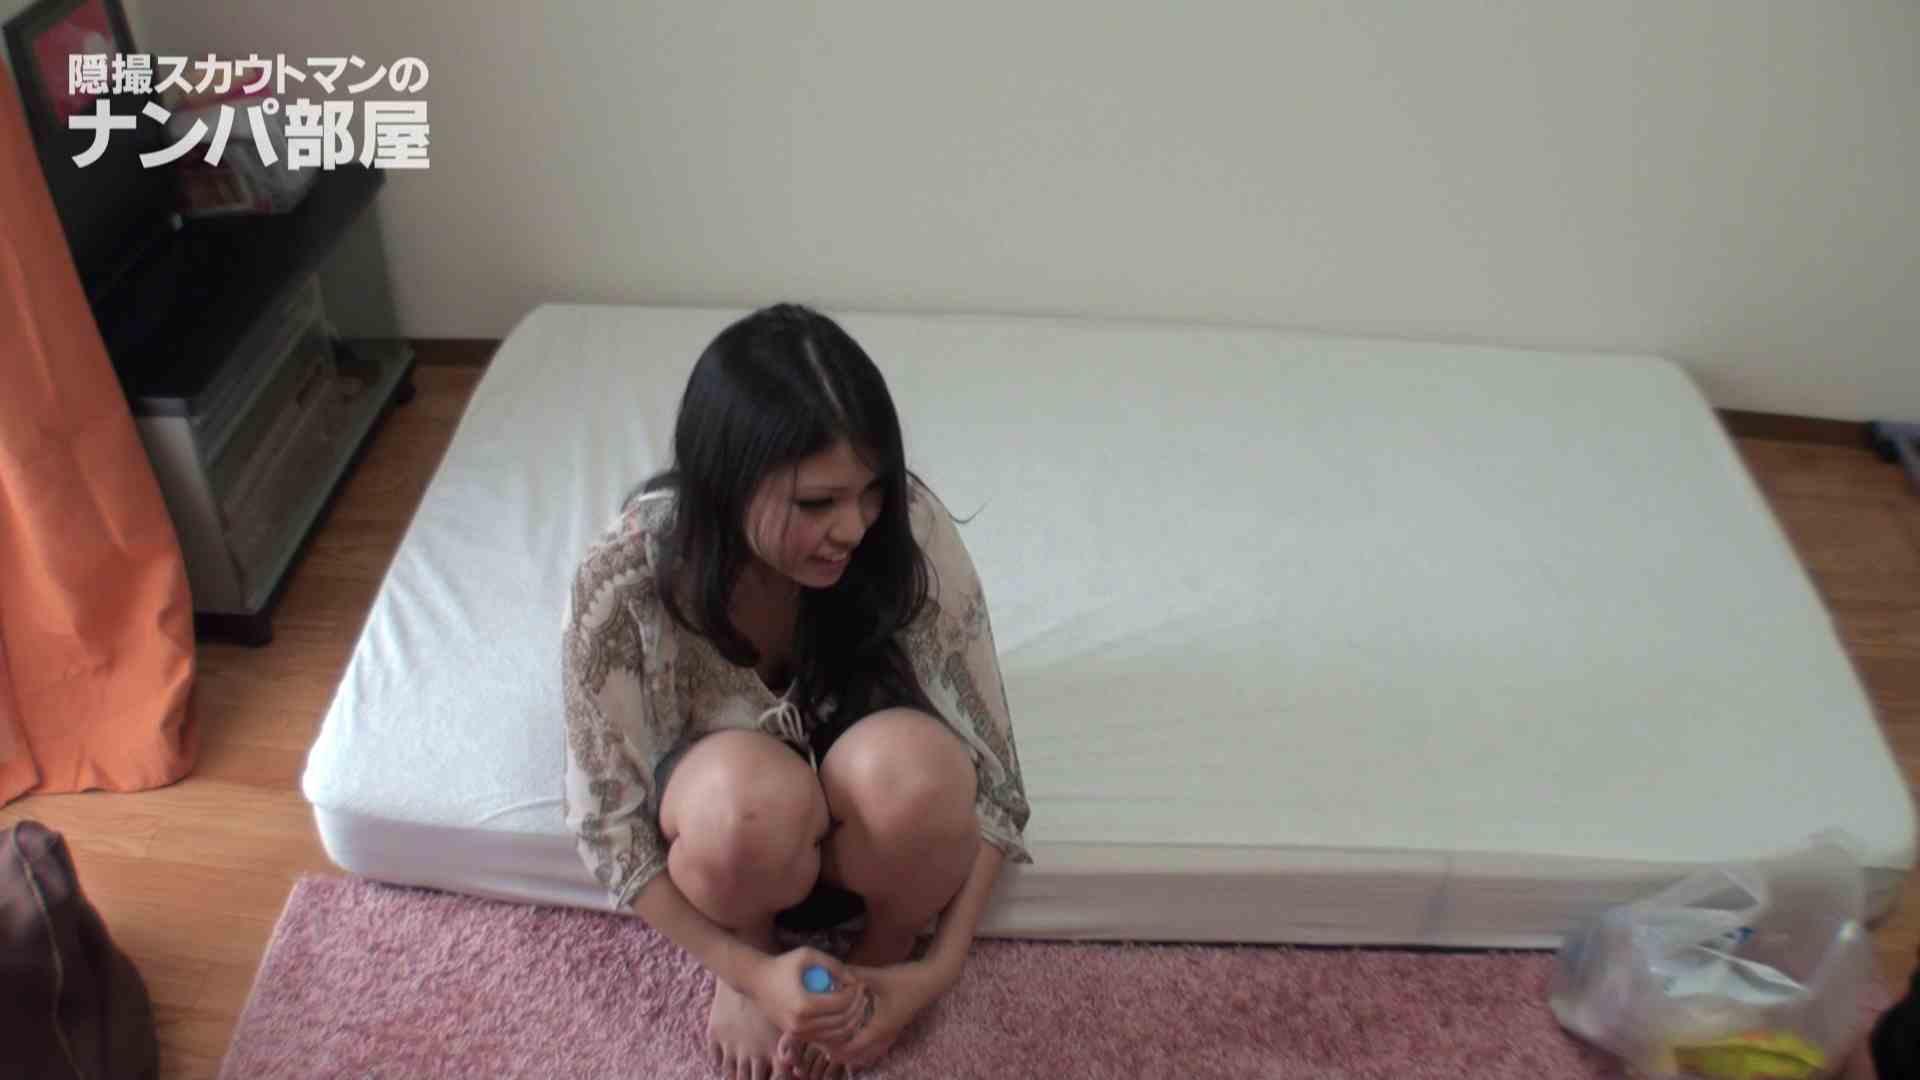 隠撮スカウトマンのナンパ部屋~風俗デビュー前のつまみ食い~hana 隠撮 エロ無料画像 95pic 11